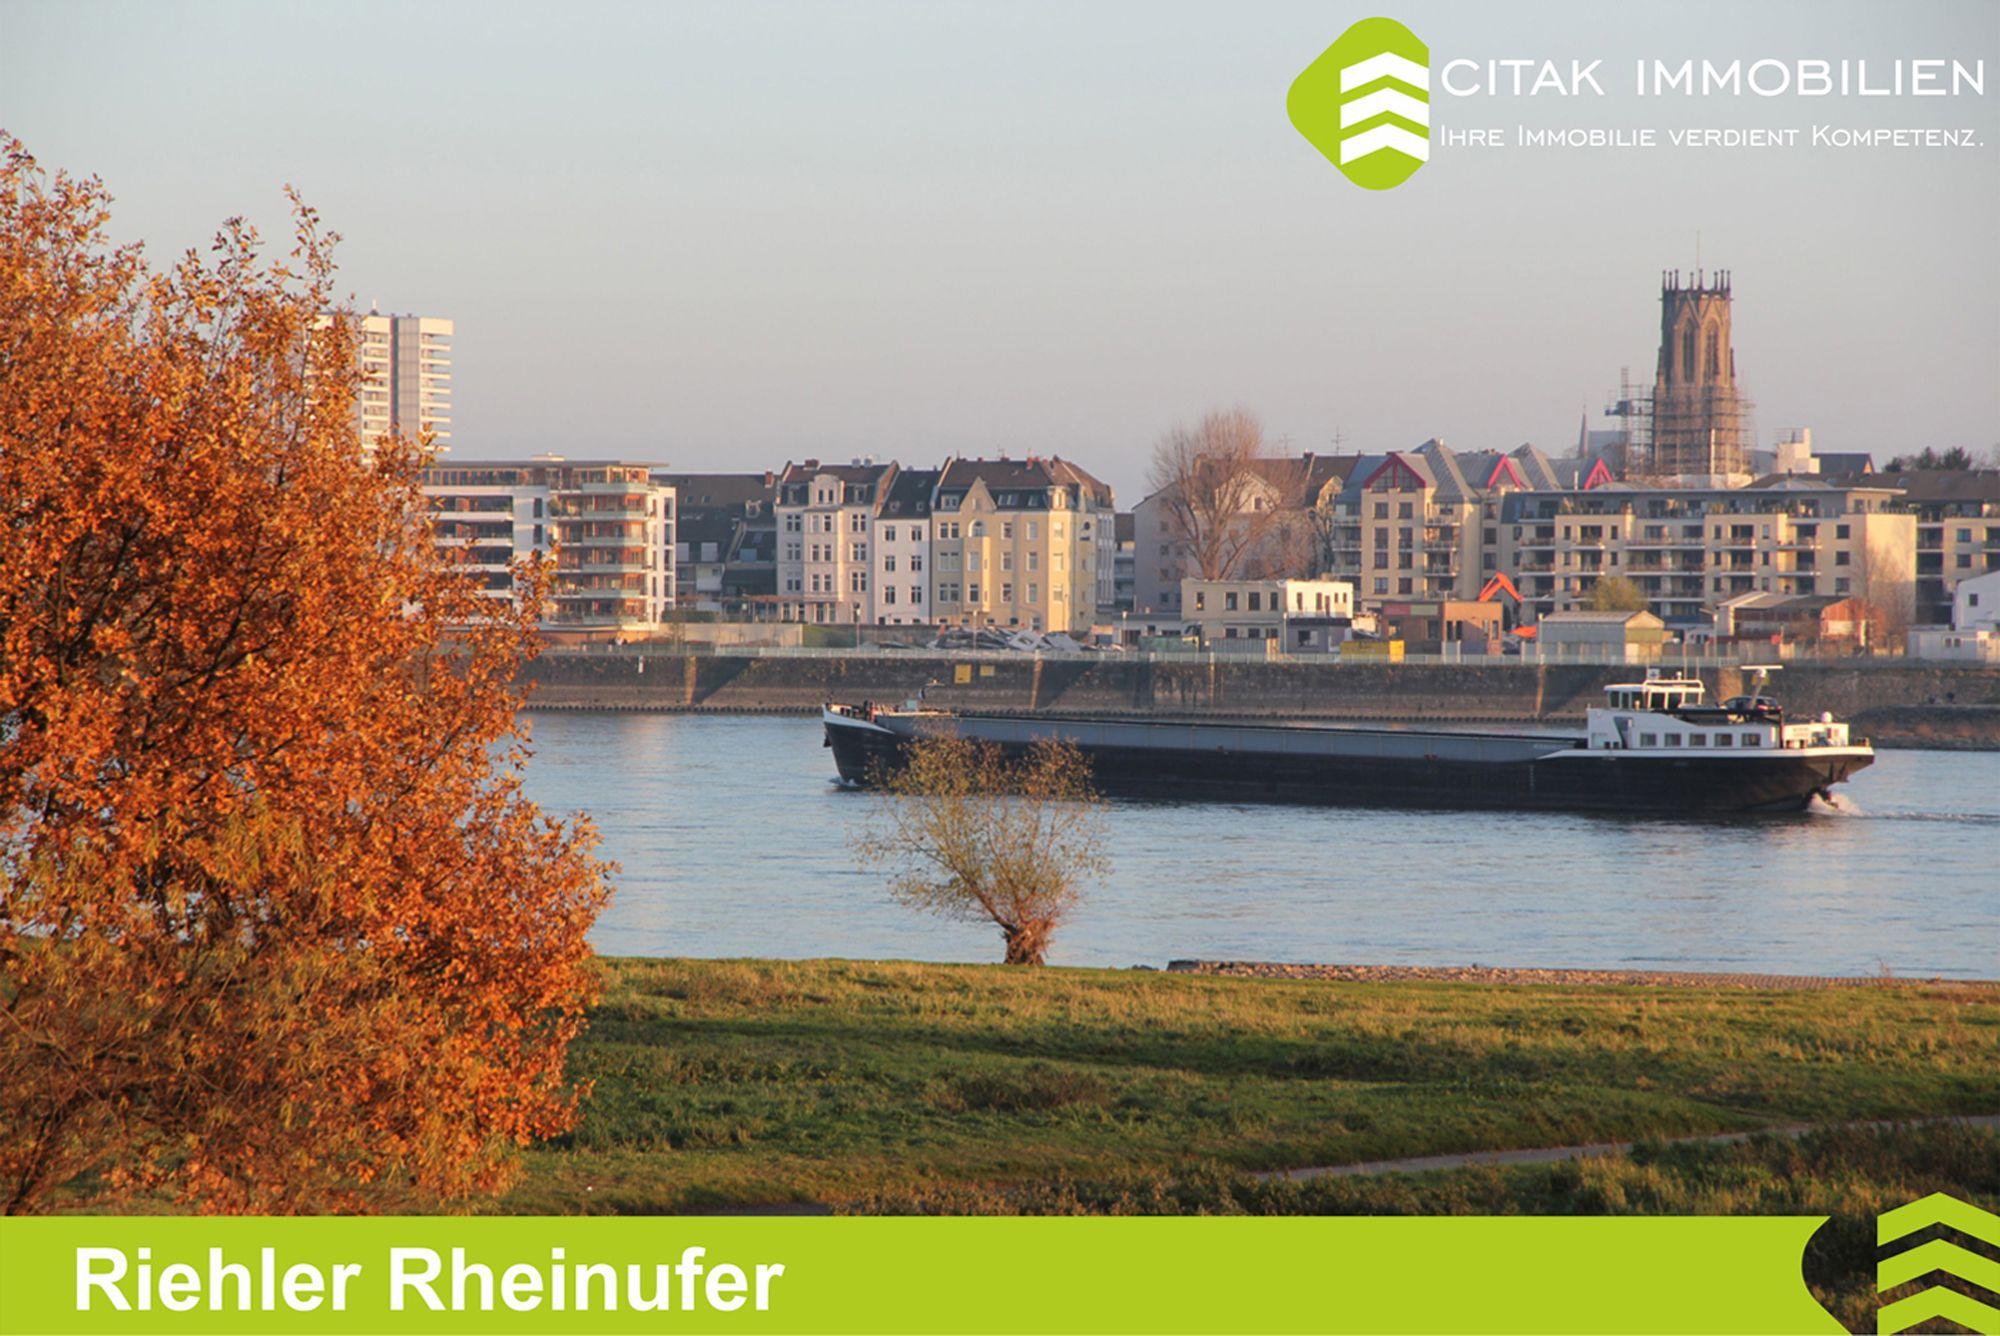 KölnRiehlRheinufer Immobilien, Immobilienmakler, Rheinufer